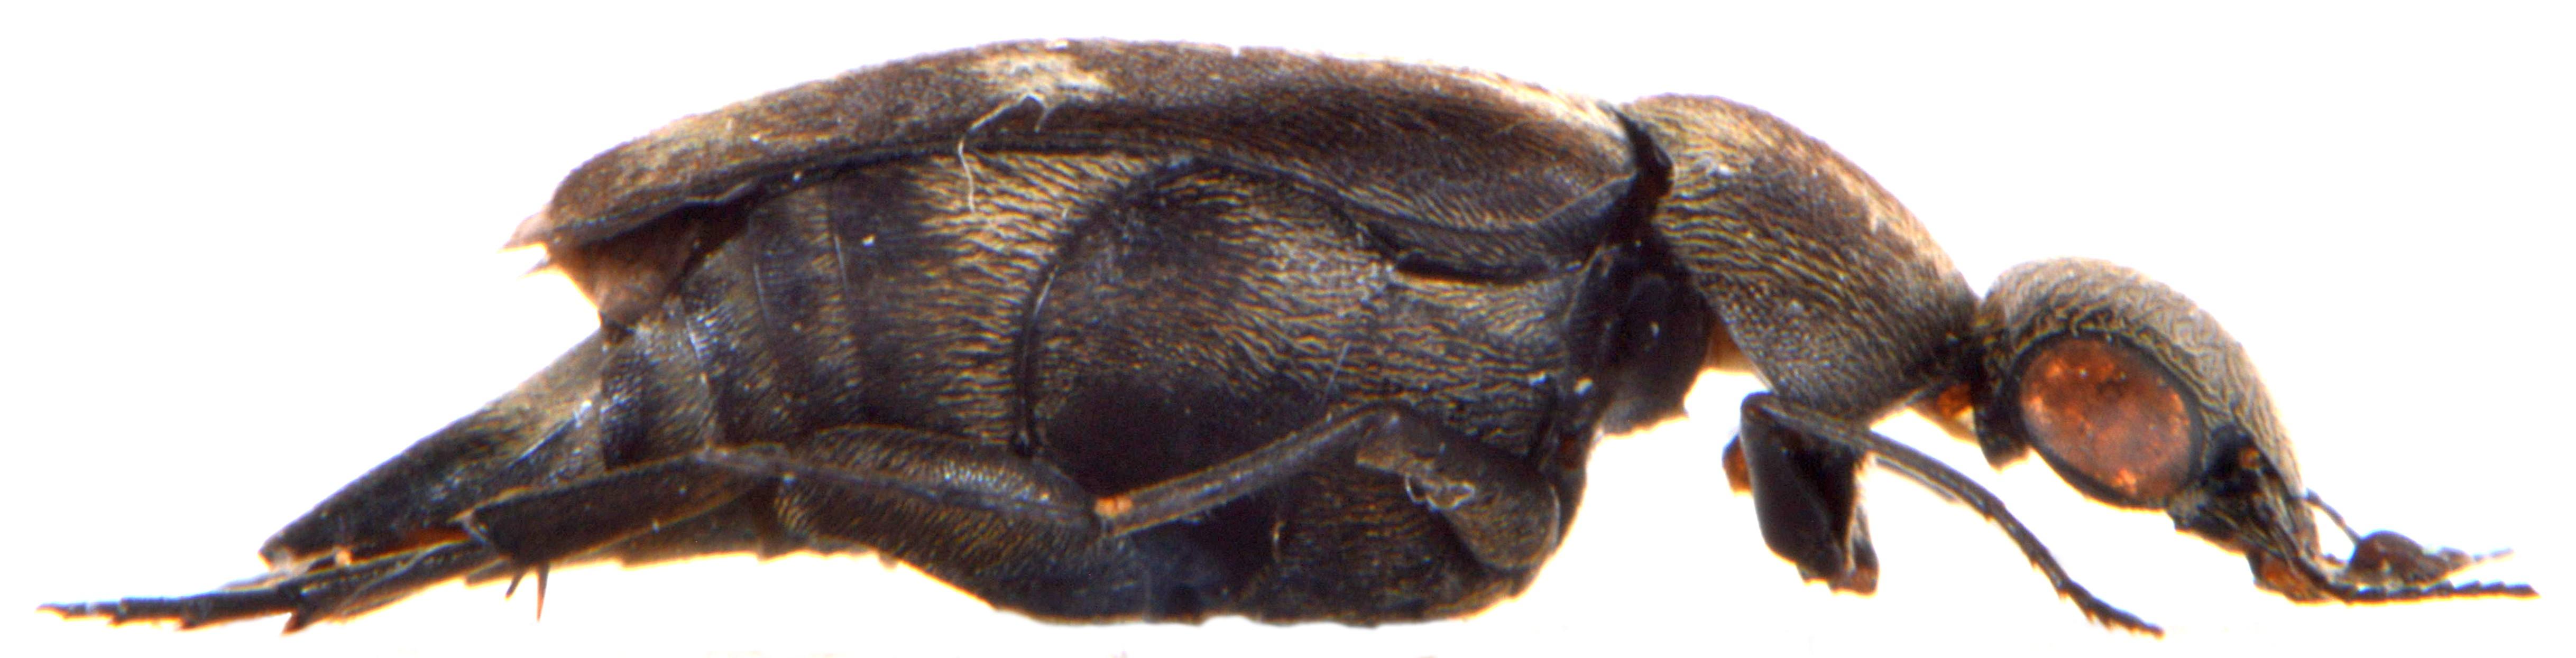 Tomoxia bucephala